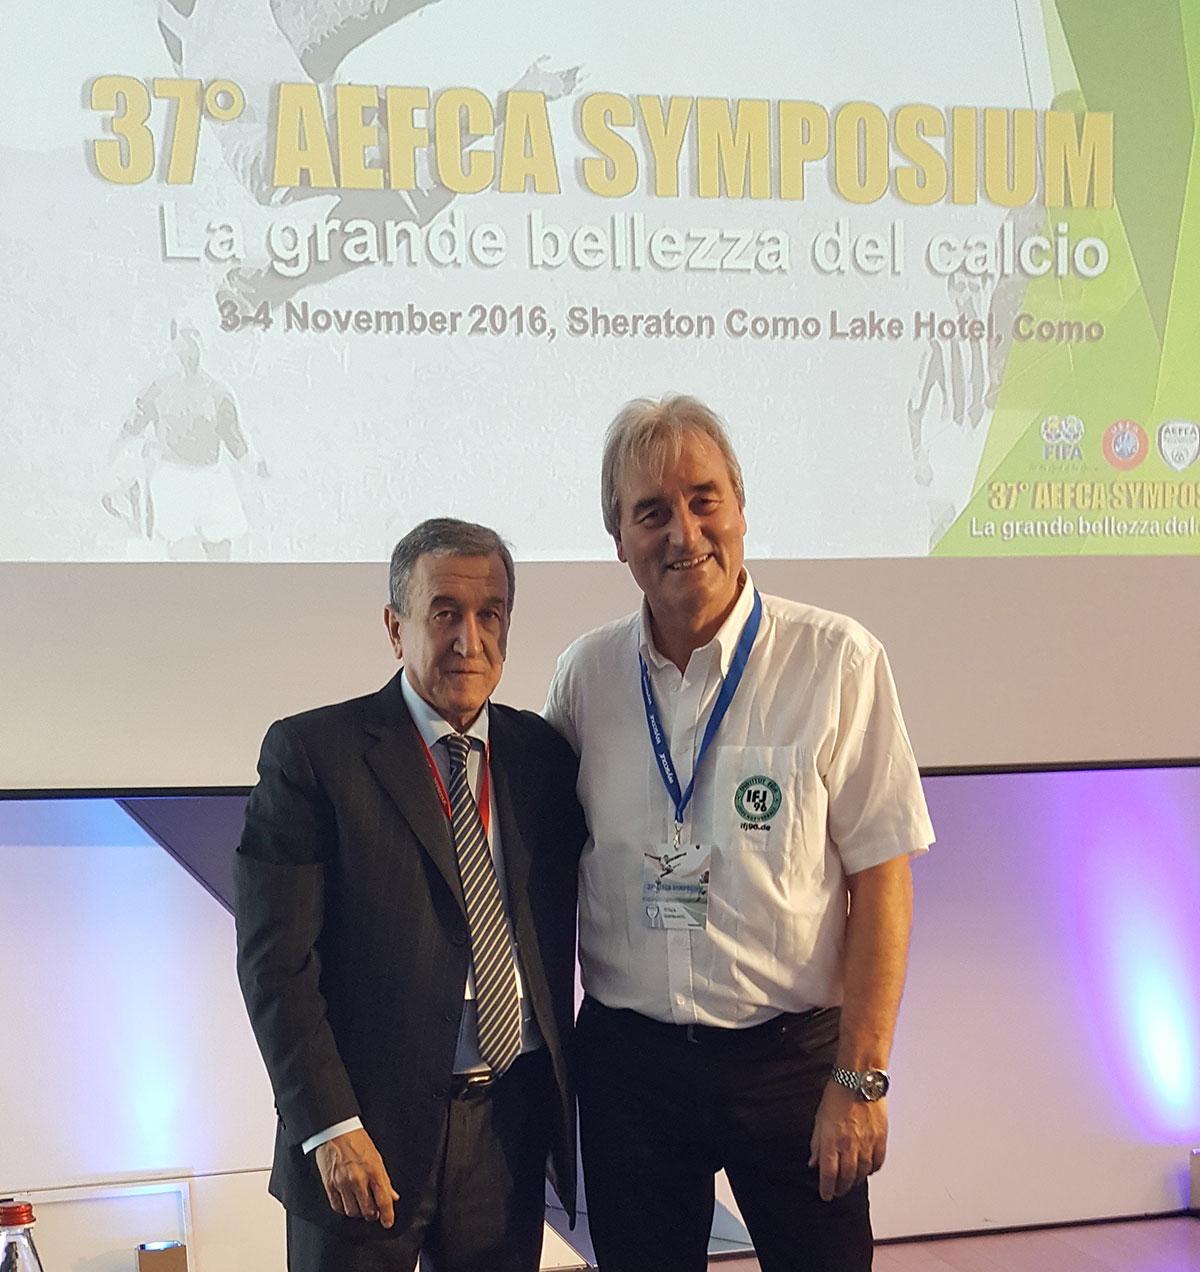 Carlos-Alberto-Parreira hier mit Peter Schreiner auf dem Sysmposium der AEFCA in Como (Italien)